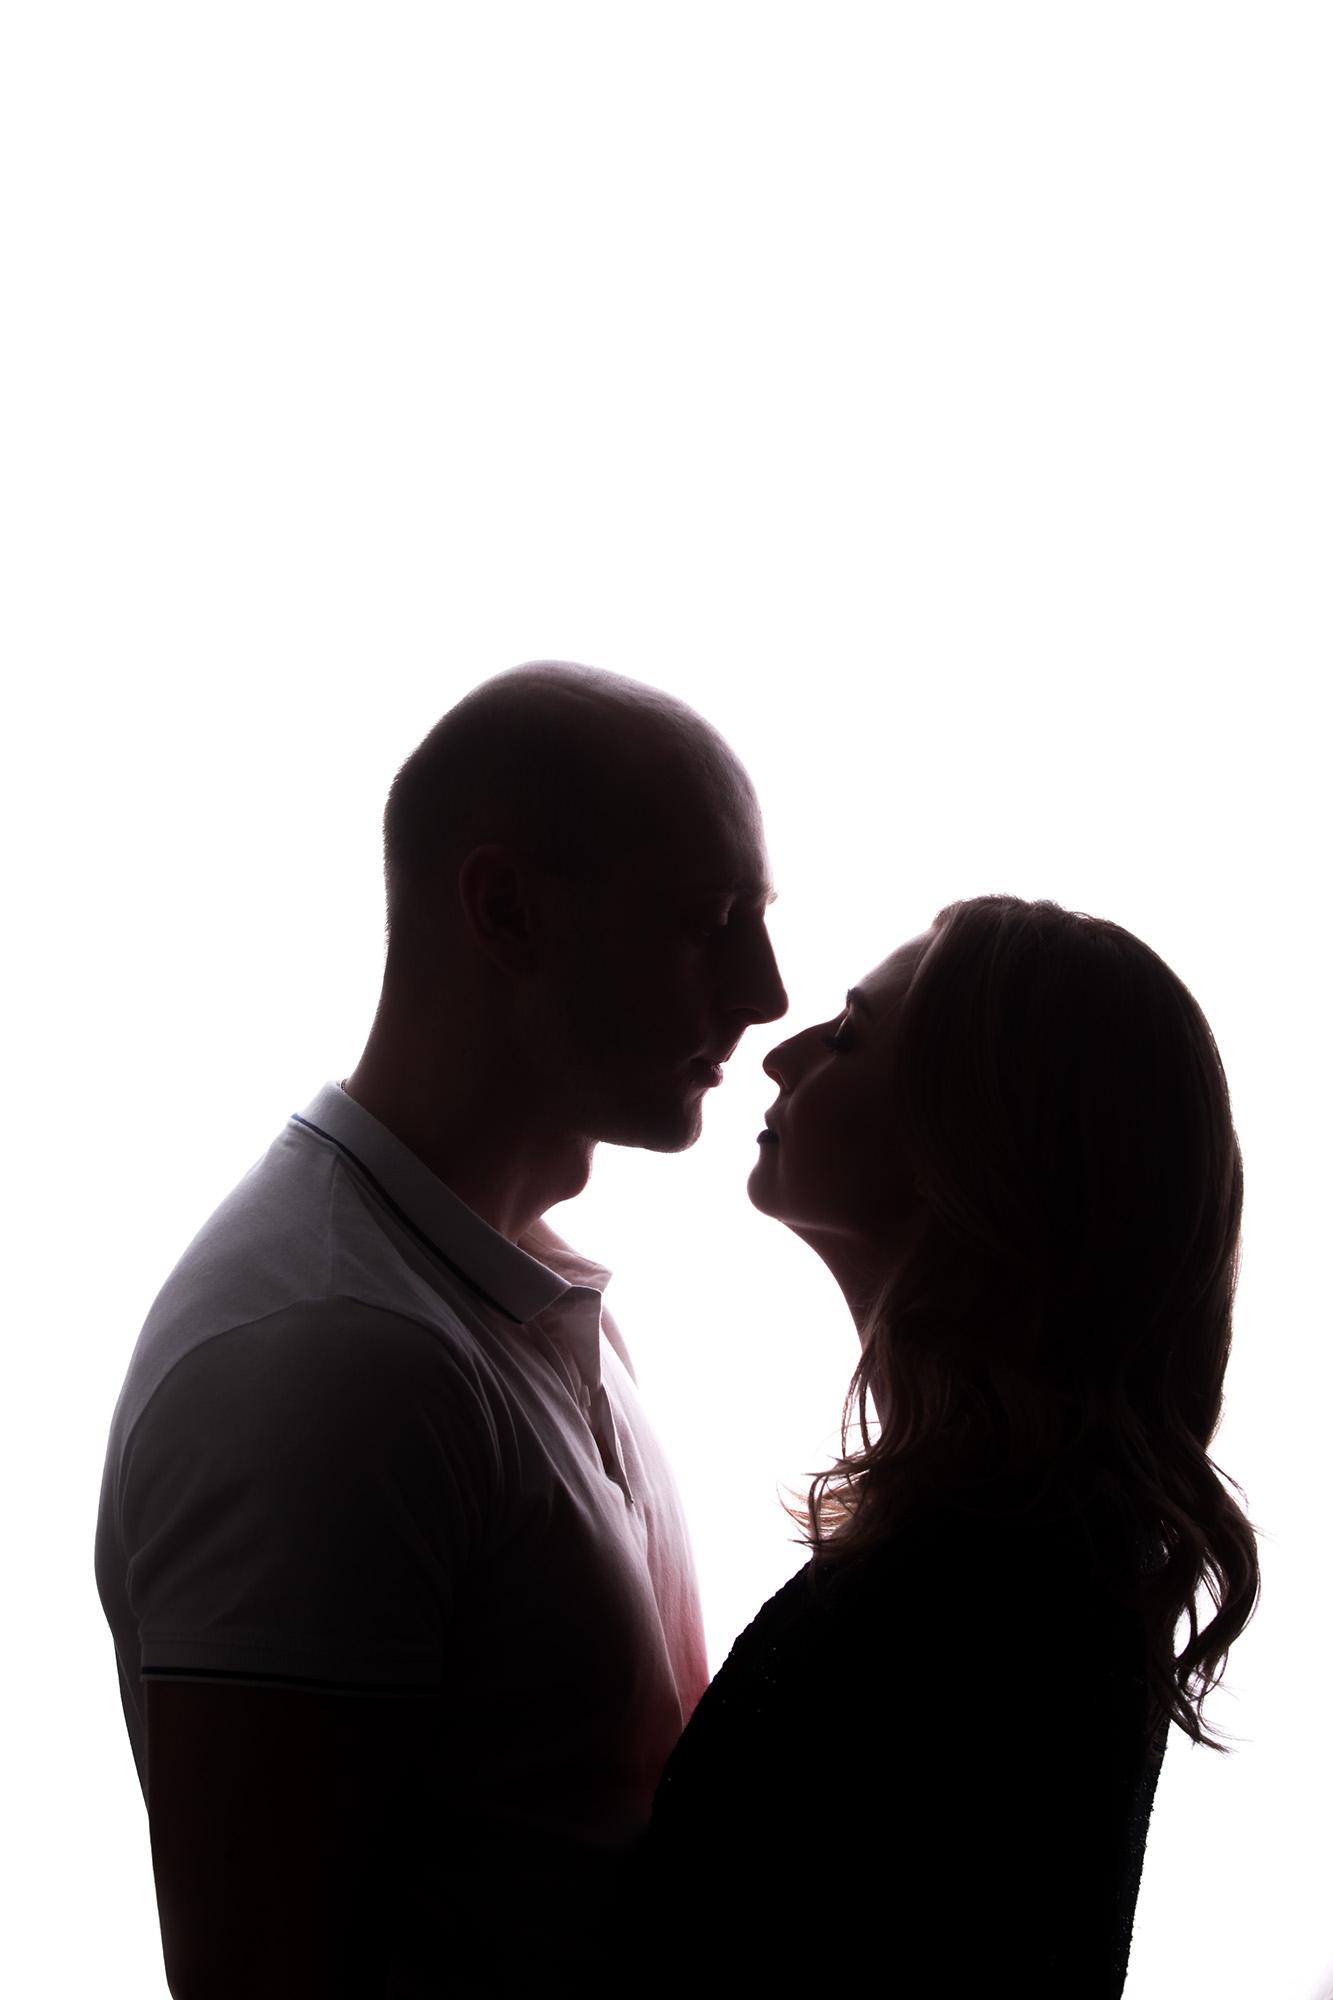 фотосессия на 8 марта, силуэтная фотография влюбленных, влюбленные